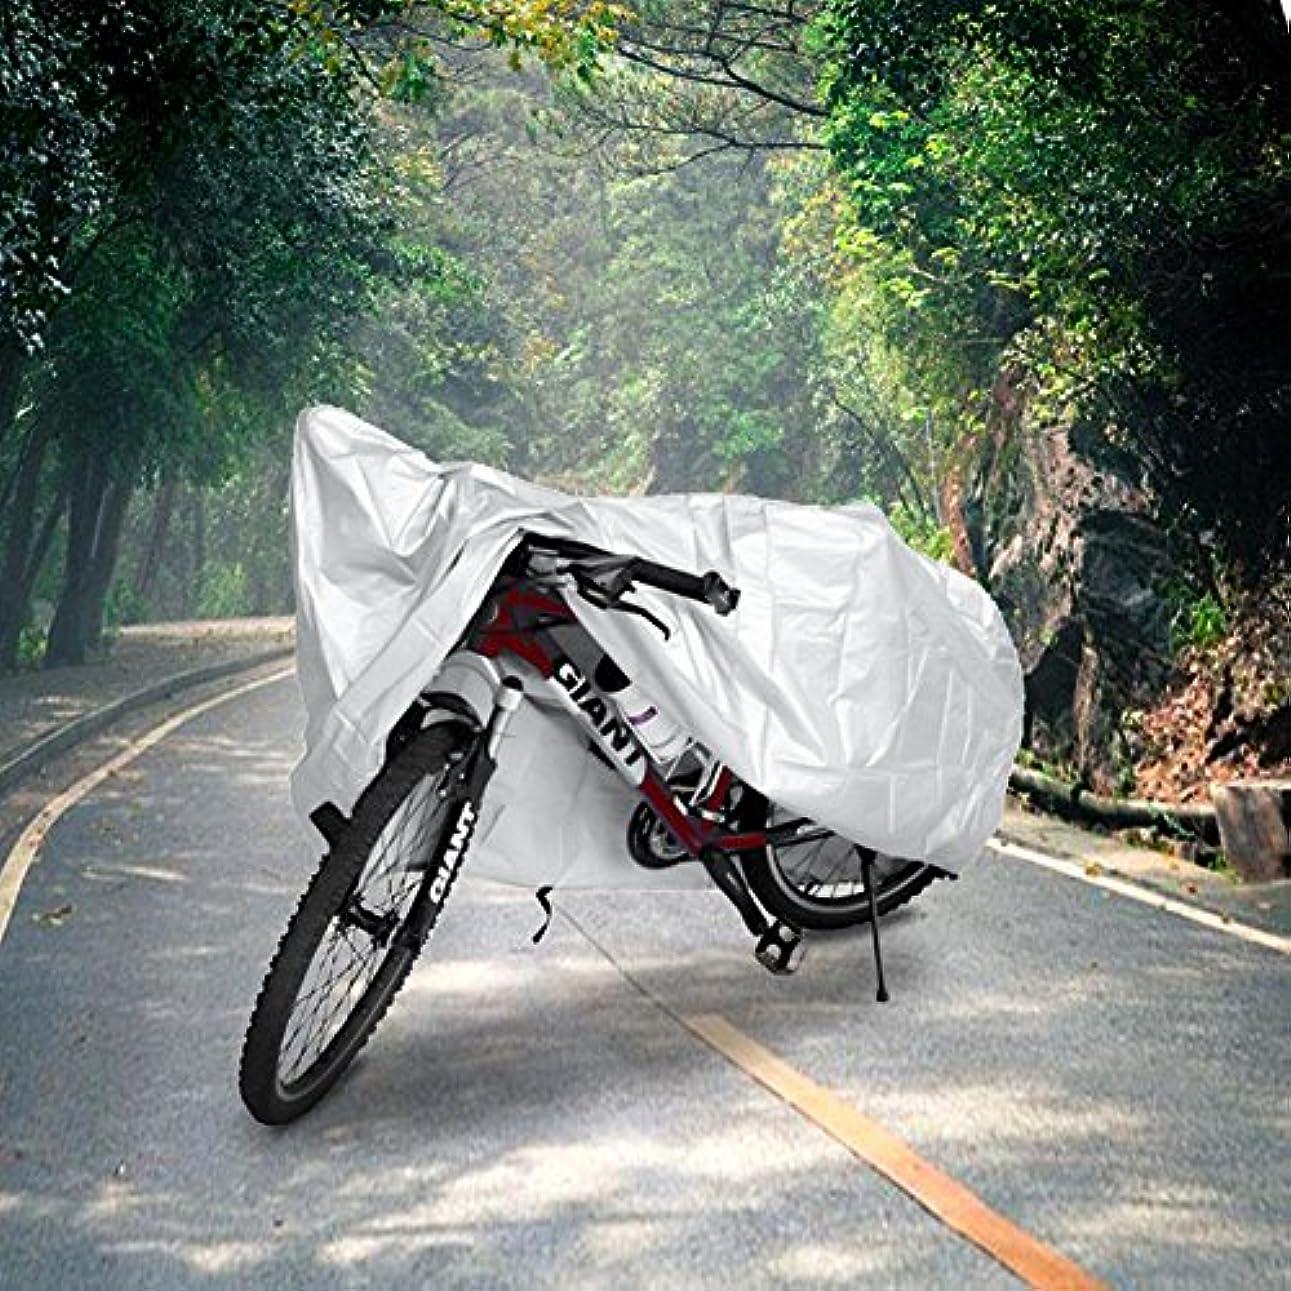 保存する個人年金受給者SmartRICH 自転車カバー,防水 UVカット 厚手 サイクルカバー 防犯 防風 電動自転車カバー 撥水加工 UV加工 雨?強風の日も安心